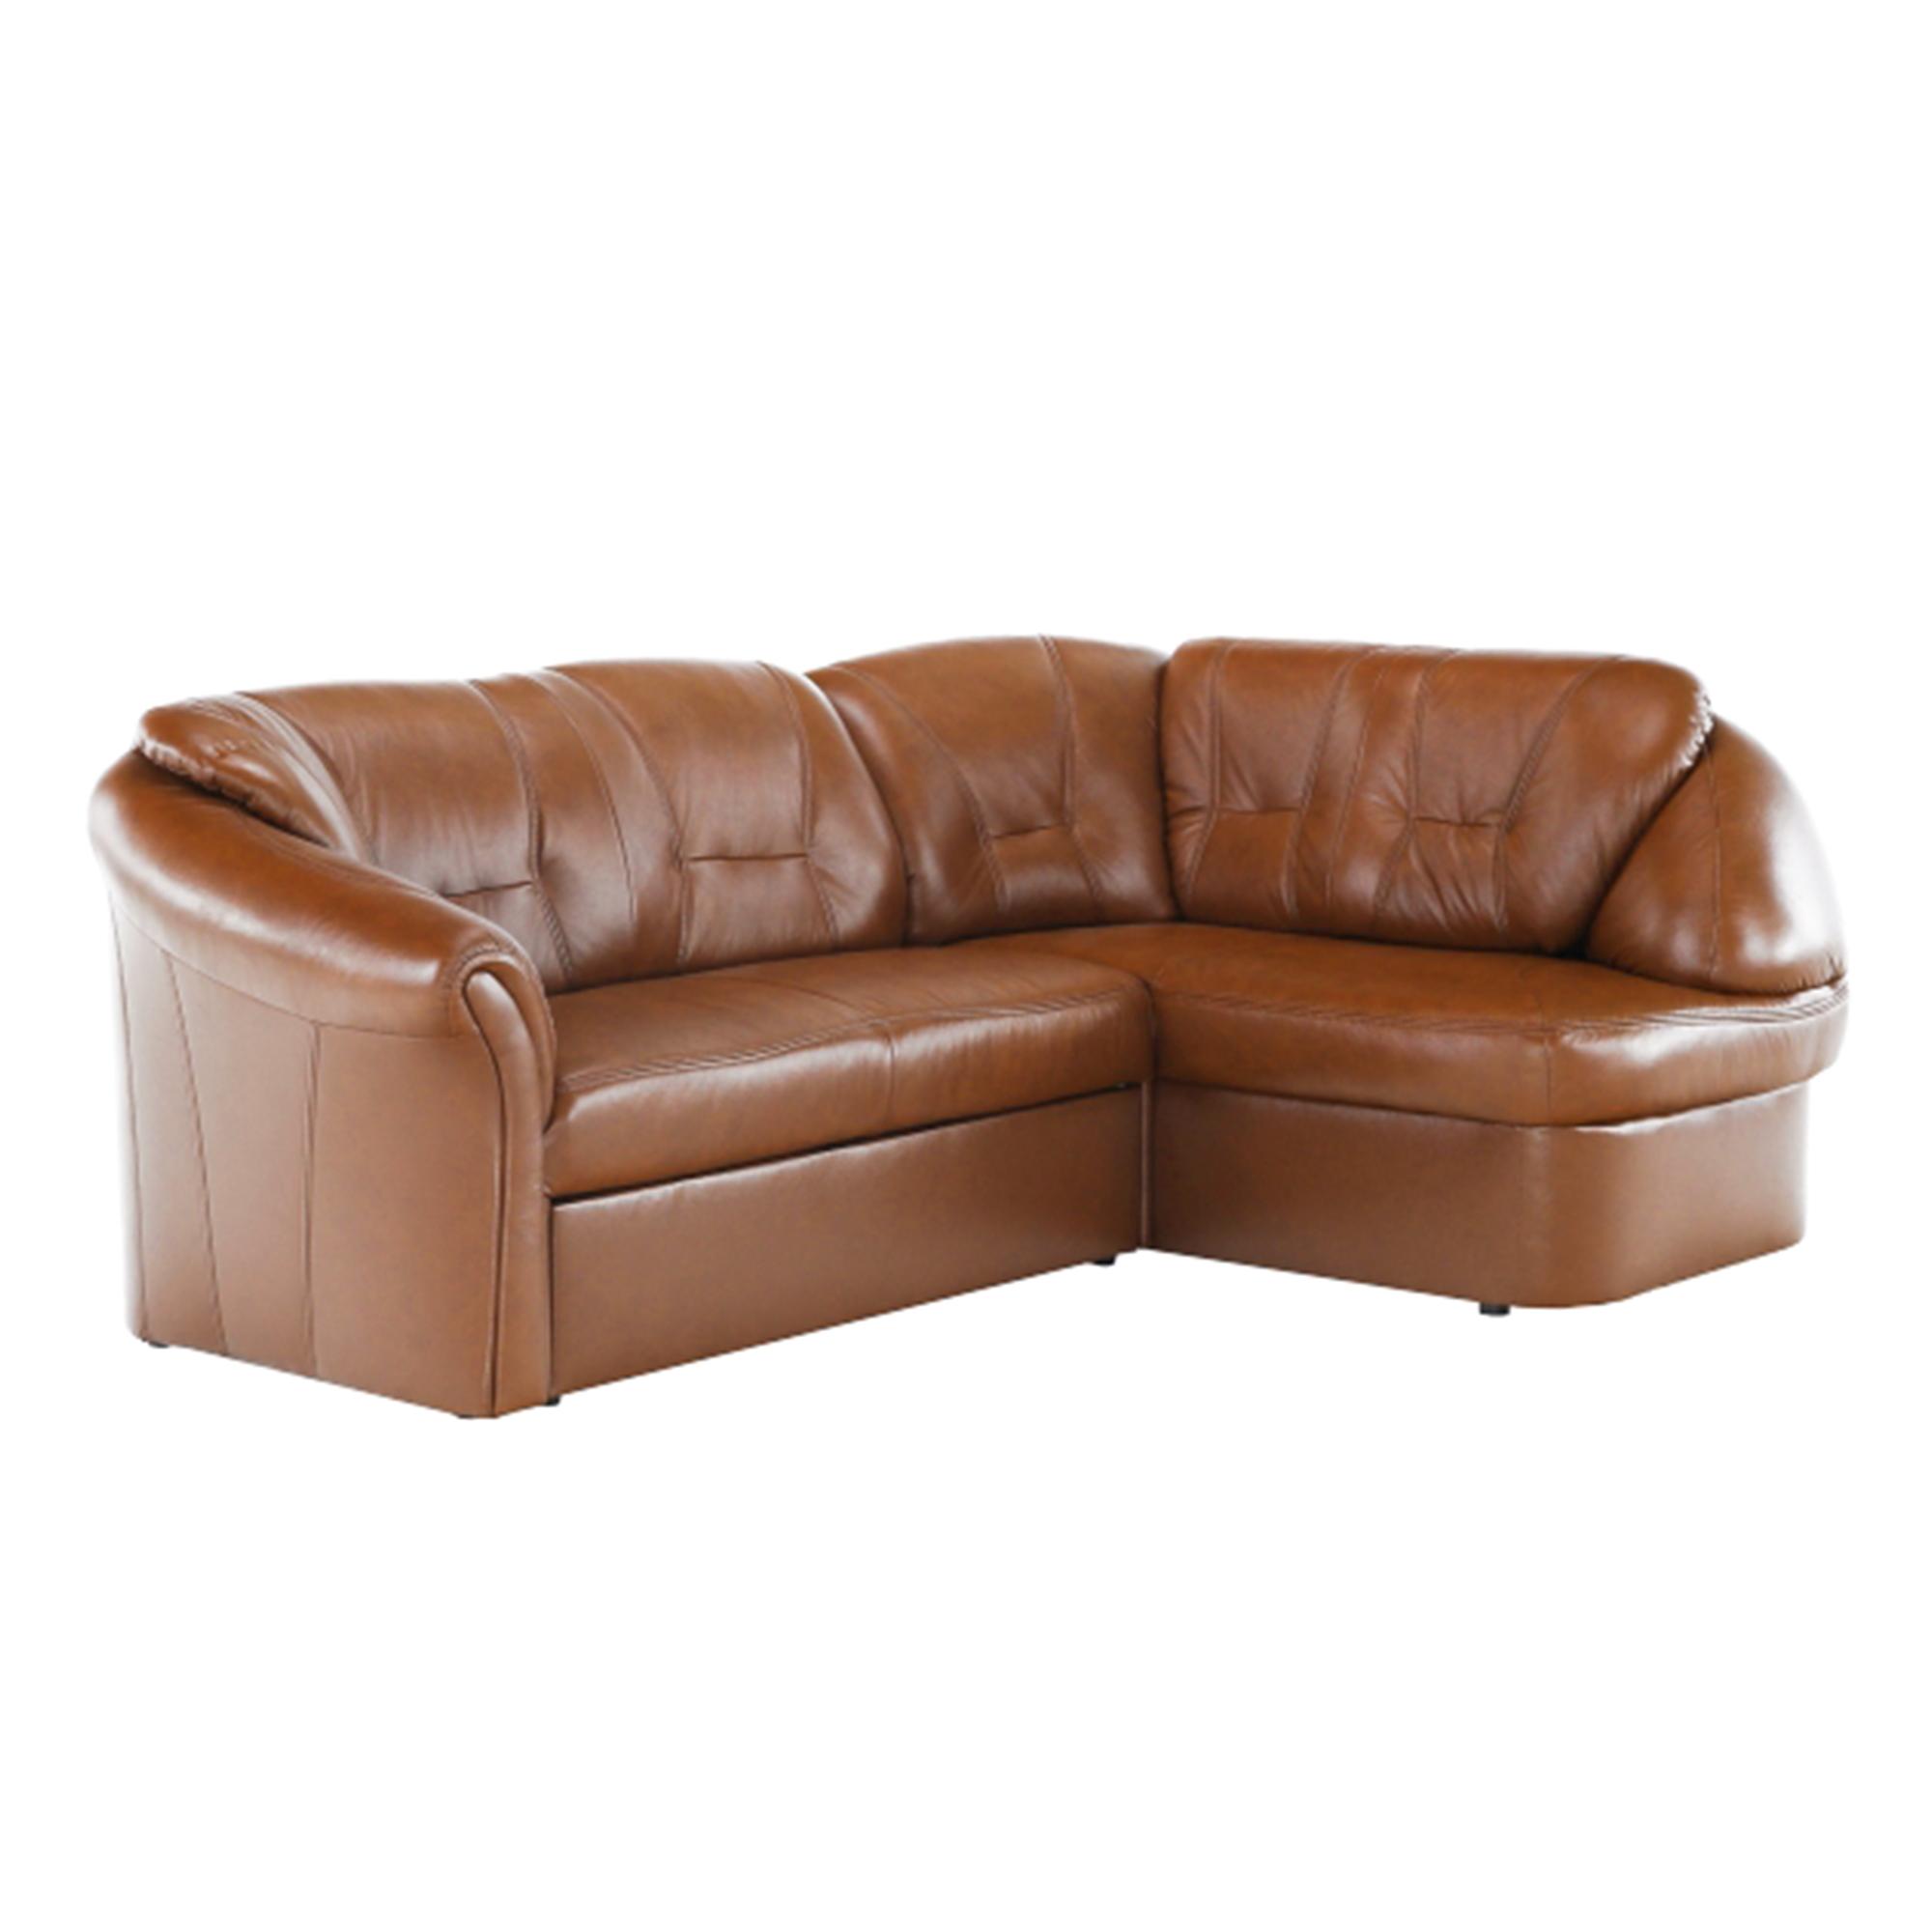 Ülőgarnitúra ágyfunkcióval és ágyneműtartóval, jobbos kivitelben, valódi bőr/textilbőr, barnáspiros, LAREDO